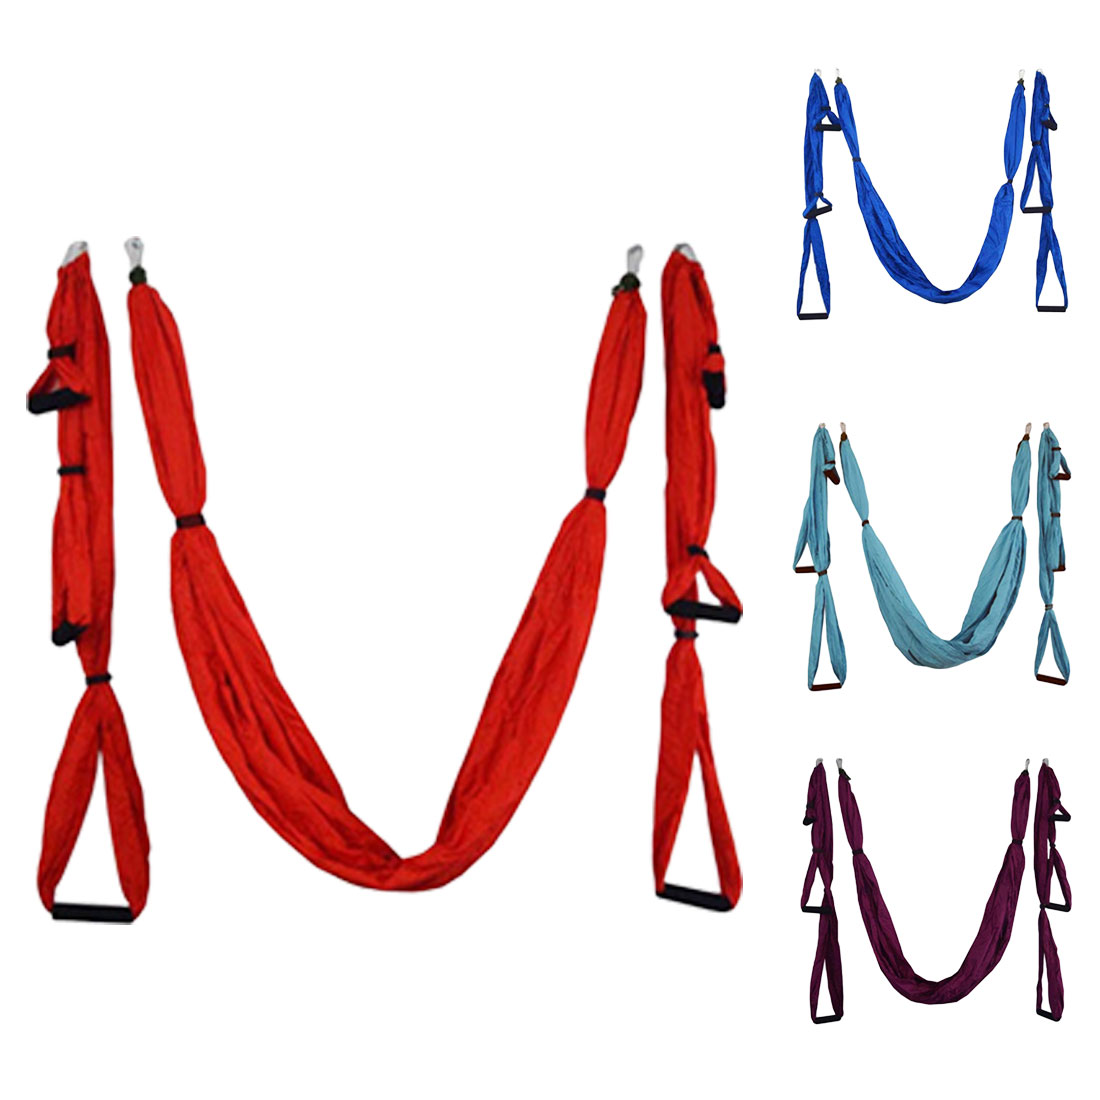 Nouveau Anti-gravité Yoga hamac balançoire Parachute tissu Inversion thérapie haute résistance décompression hamac Yoga Gym suspendu